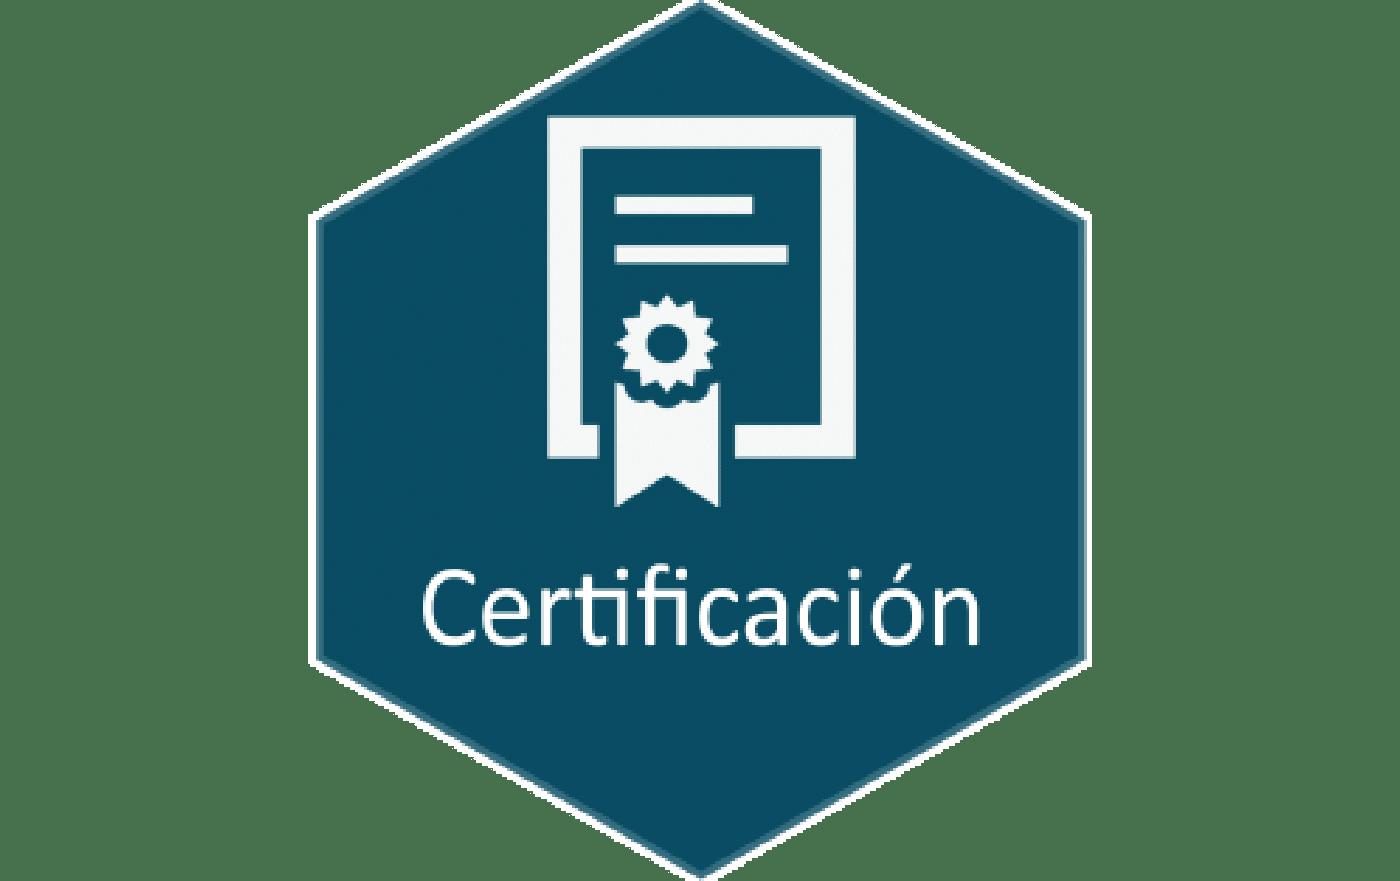 Certificacion interes sanitario